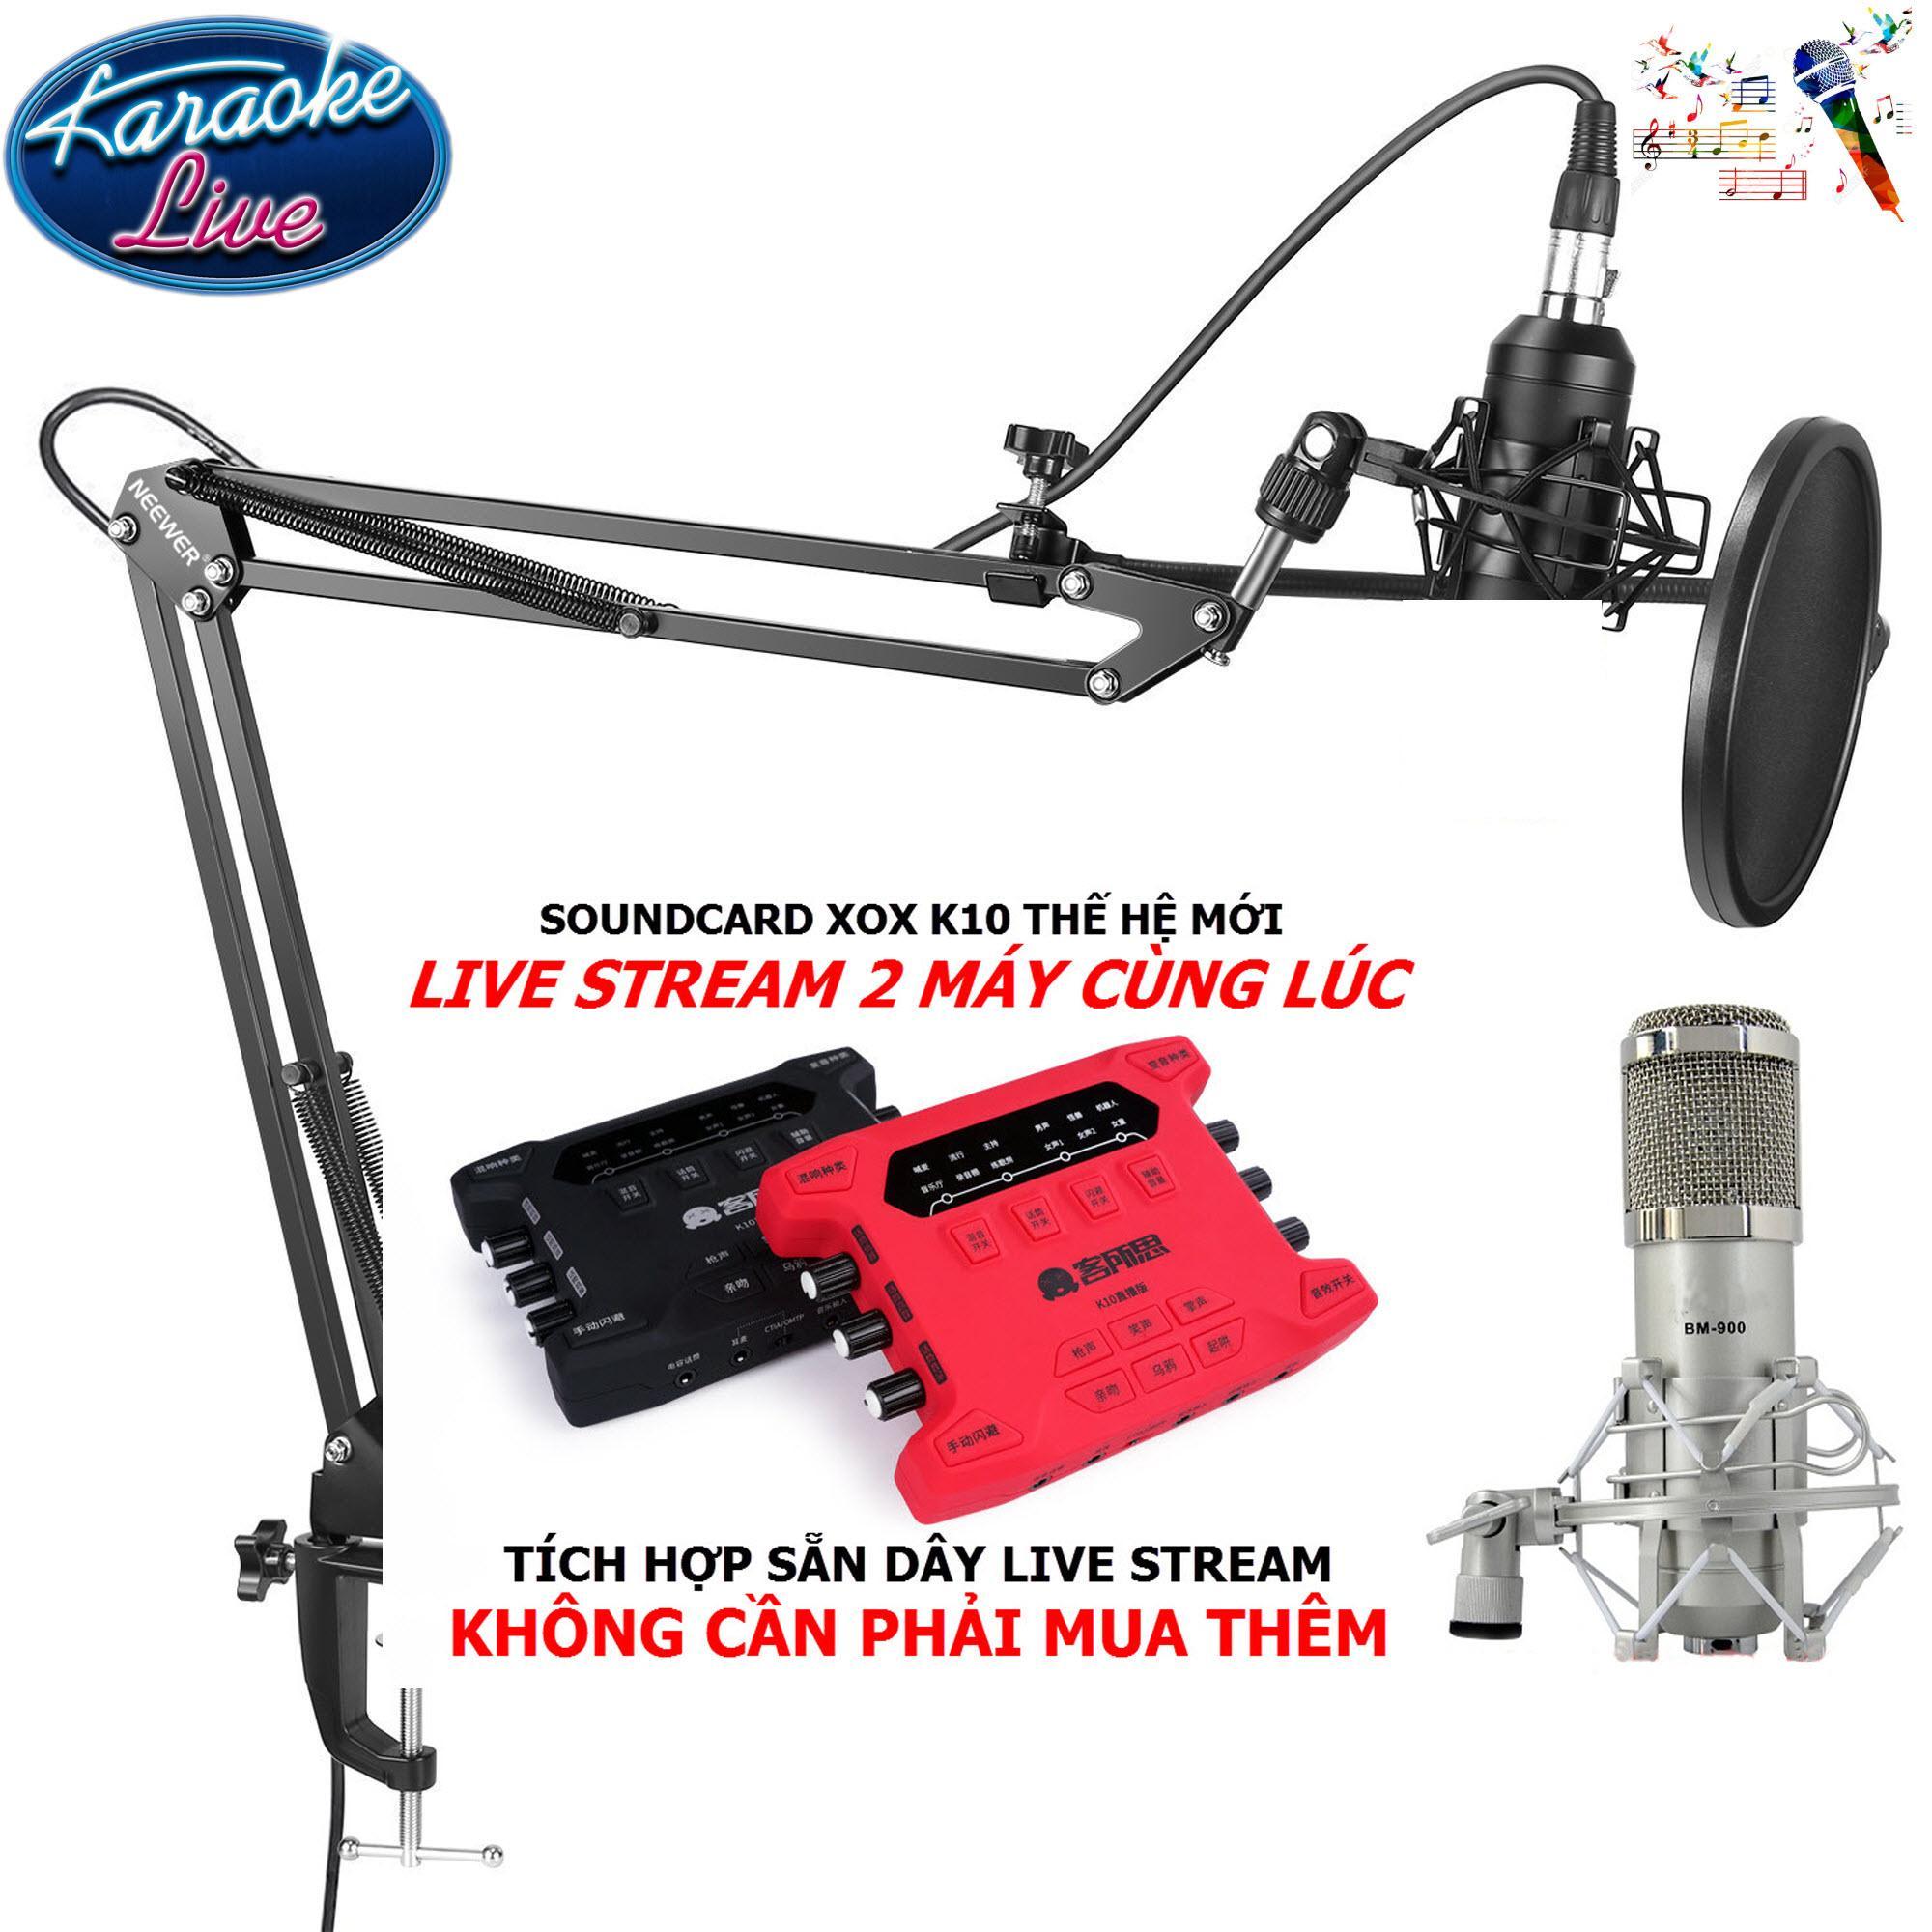 Chiết Khấu Bộ Micro Thu Am Cao Cấp Hat Karaoke Live Webcast Trực Tiếp Tren Youtube Với Soundcard Xox K10X Thế Hệ Mới Tich Hợp Sẵn Day Live Stream Micro Cao Cấp Bm900 Chan Đế Kẹp Ban Mang Lọc Am K Pop